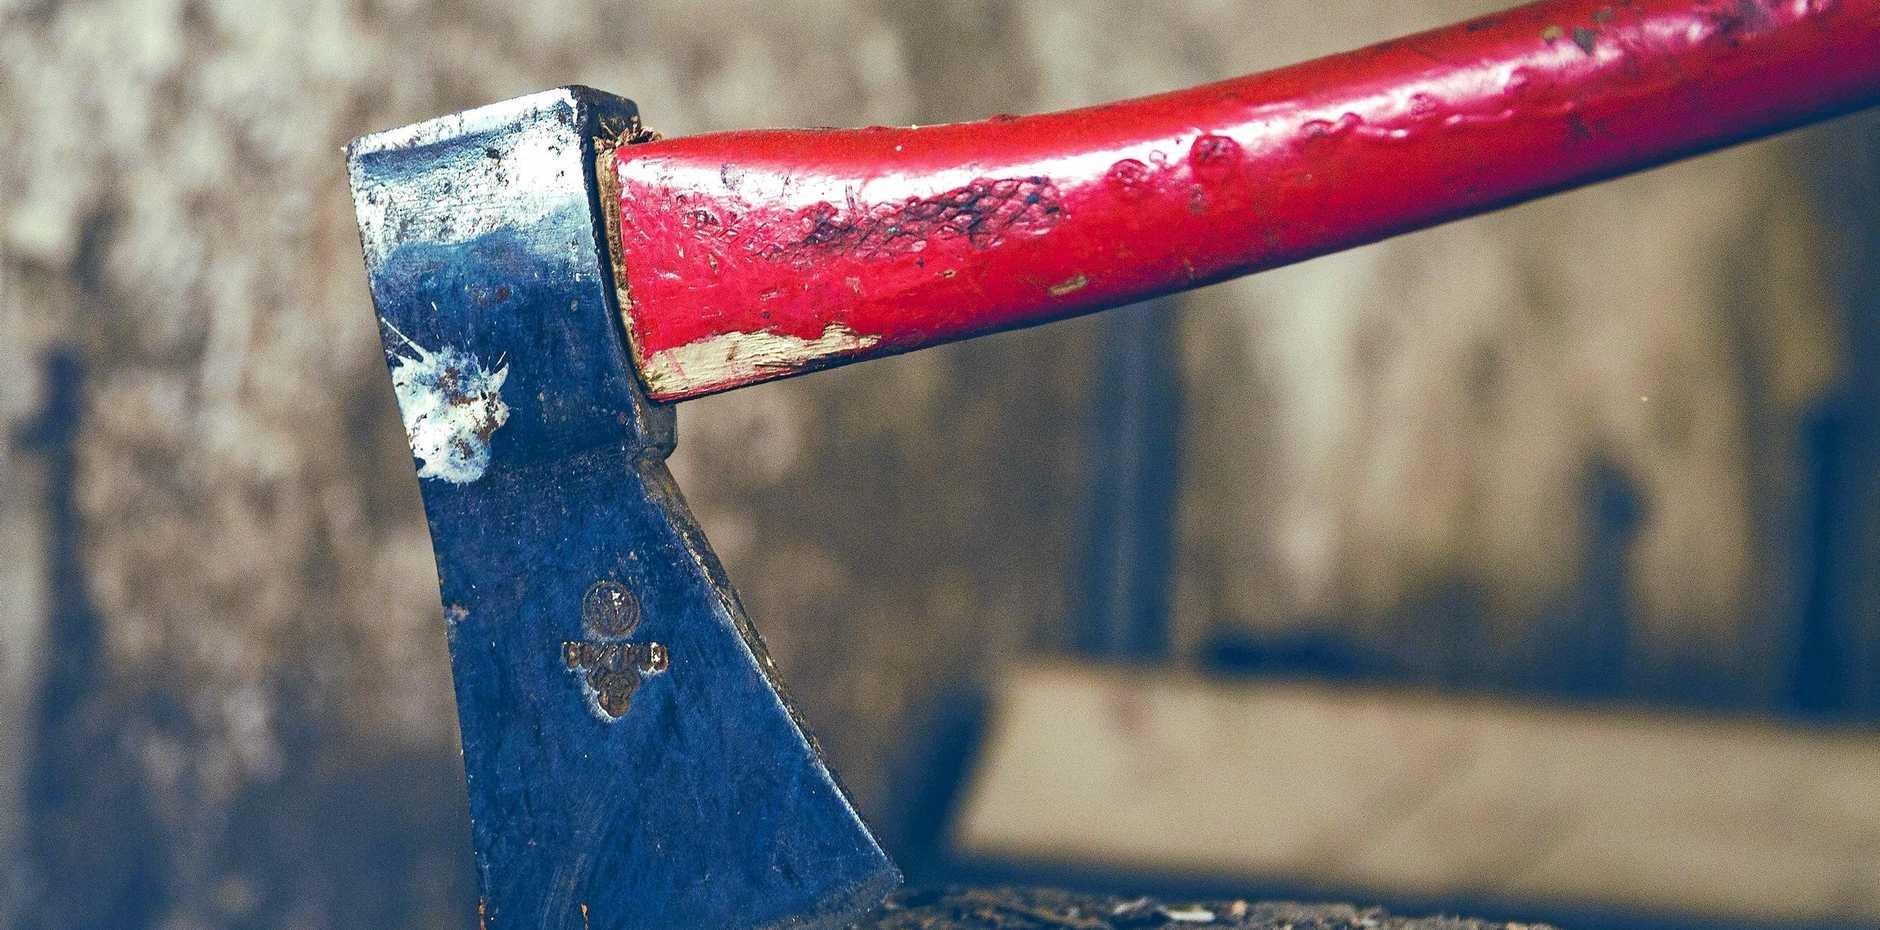 File photo of an axe.